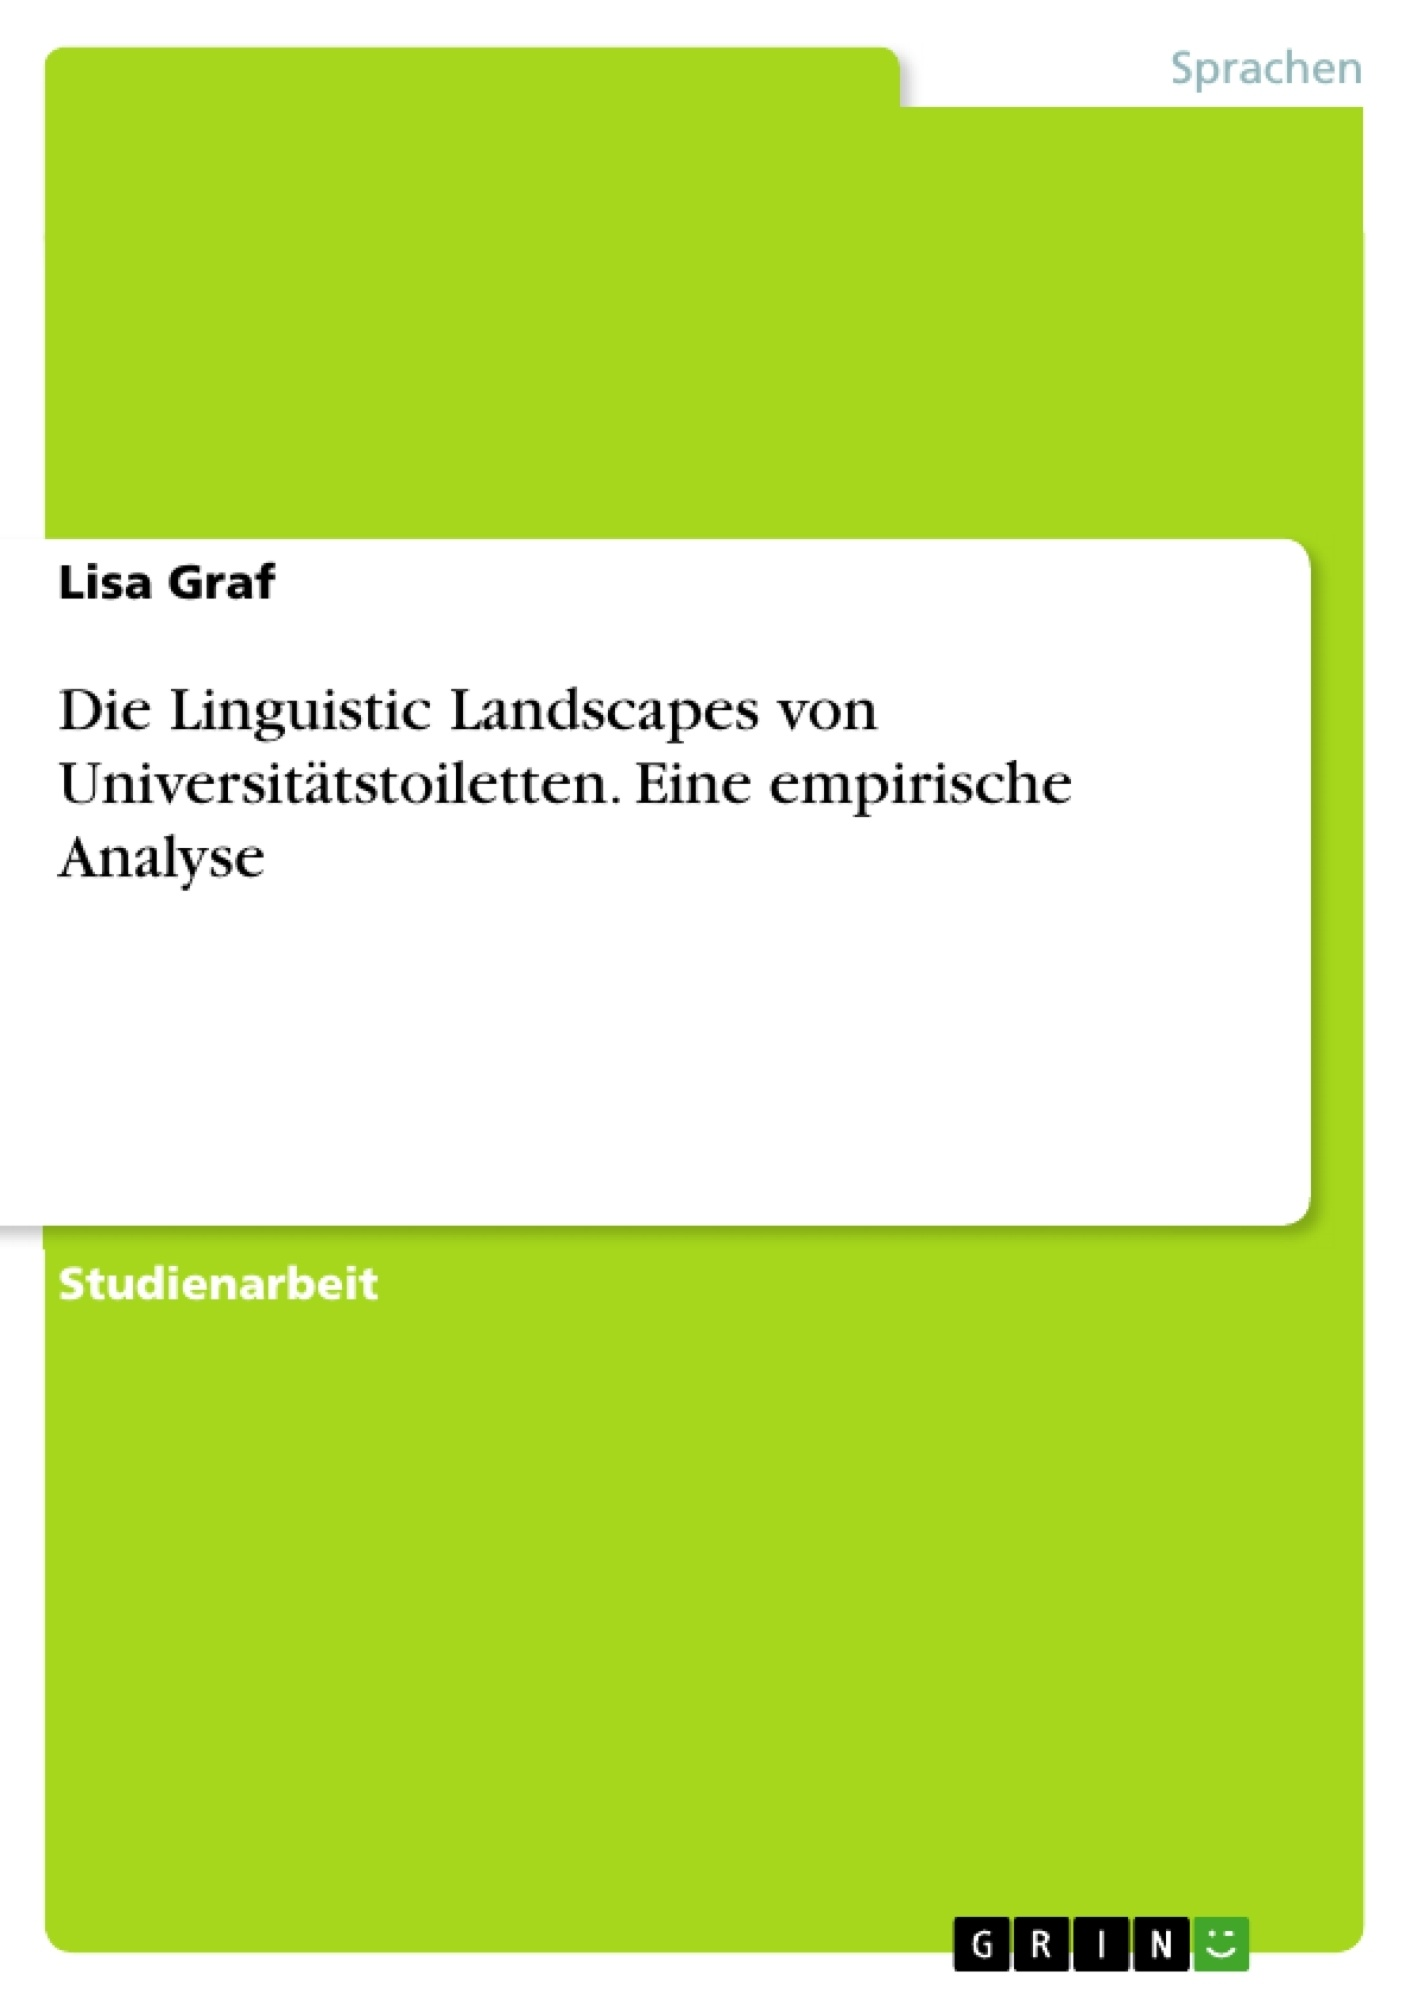 Titel: Die Linguistic Landscapes von Universitätstoiletten. Eine empirische Analyse